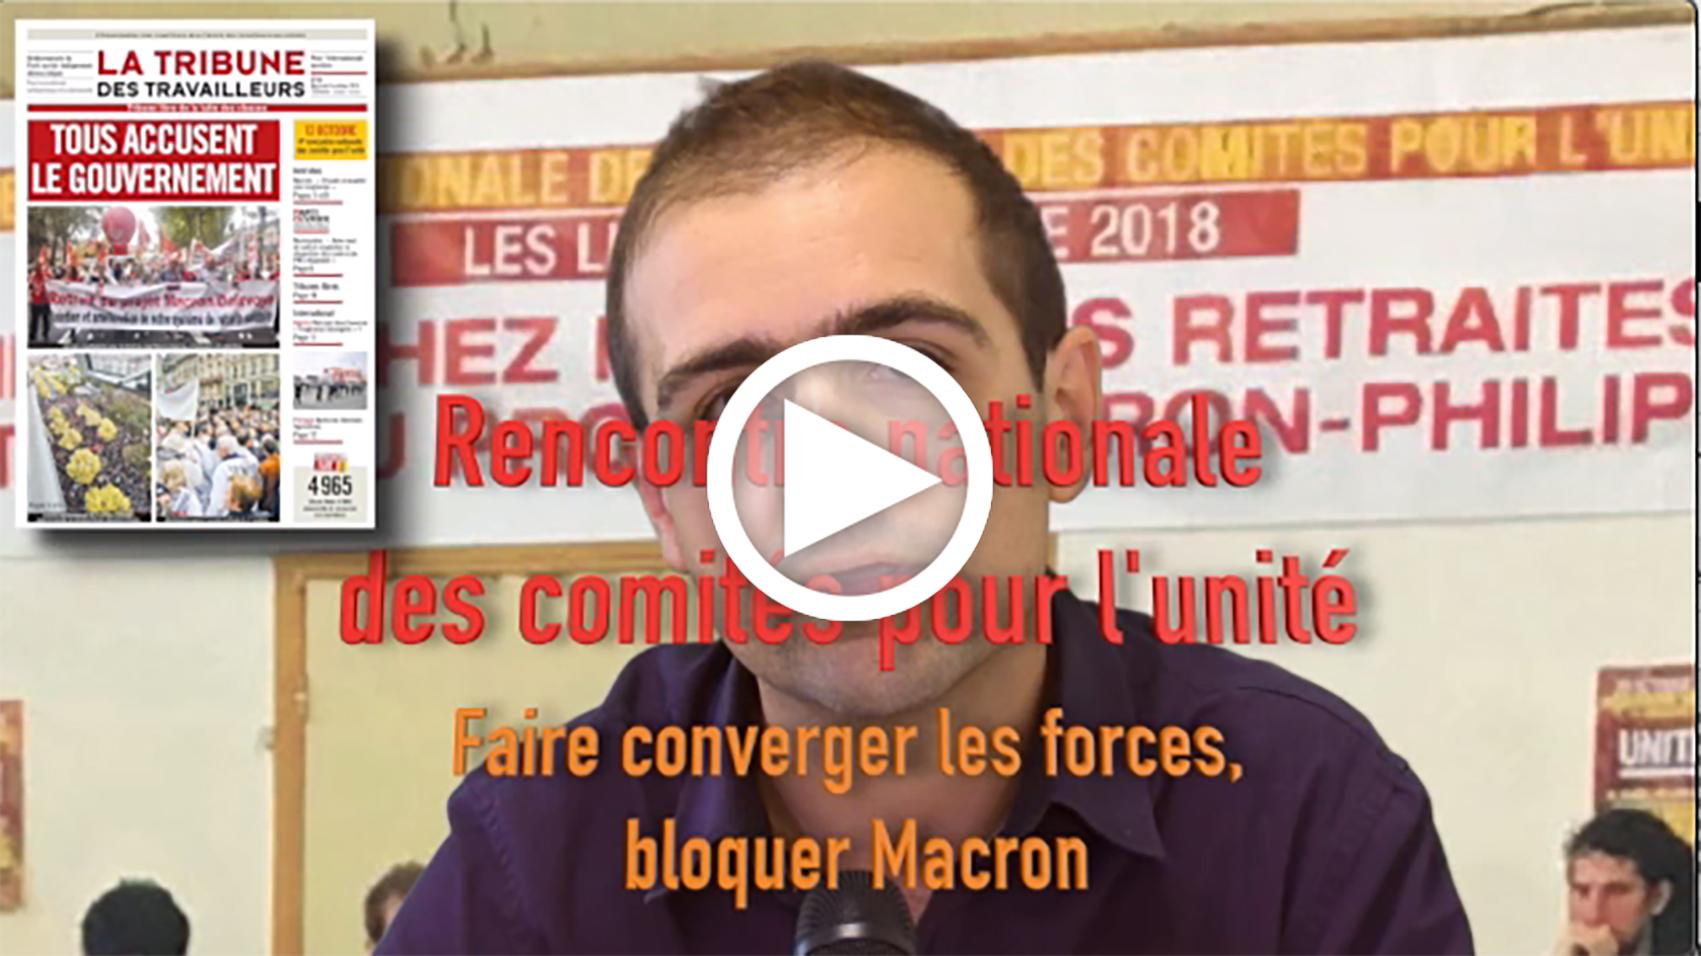 Les Infos-Hebdo du 10 octobre 2019 – Rencontre du 12 Octobre 2019 – Tout faire pour que l'unité se réalise pour bloquer le projet de réforme des retraites